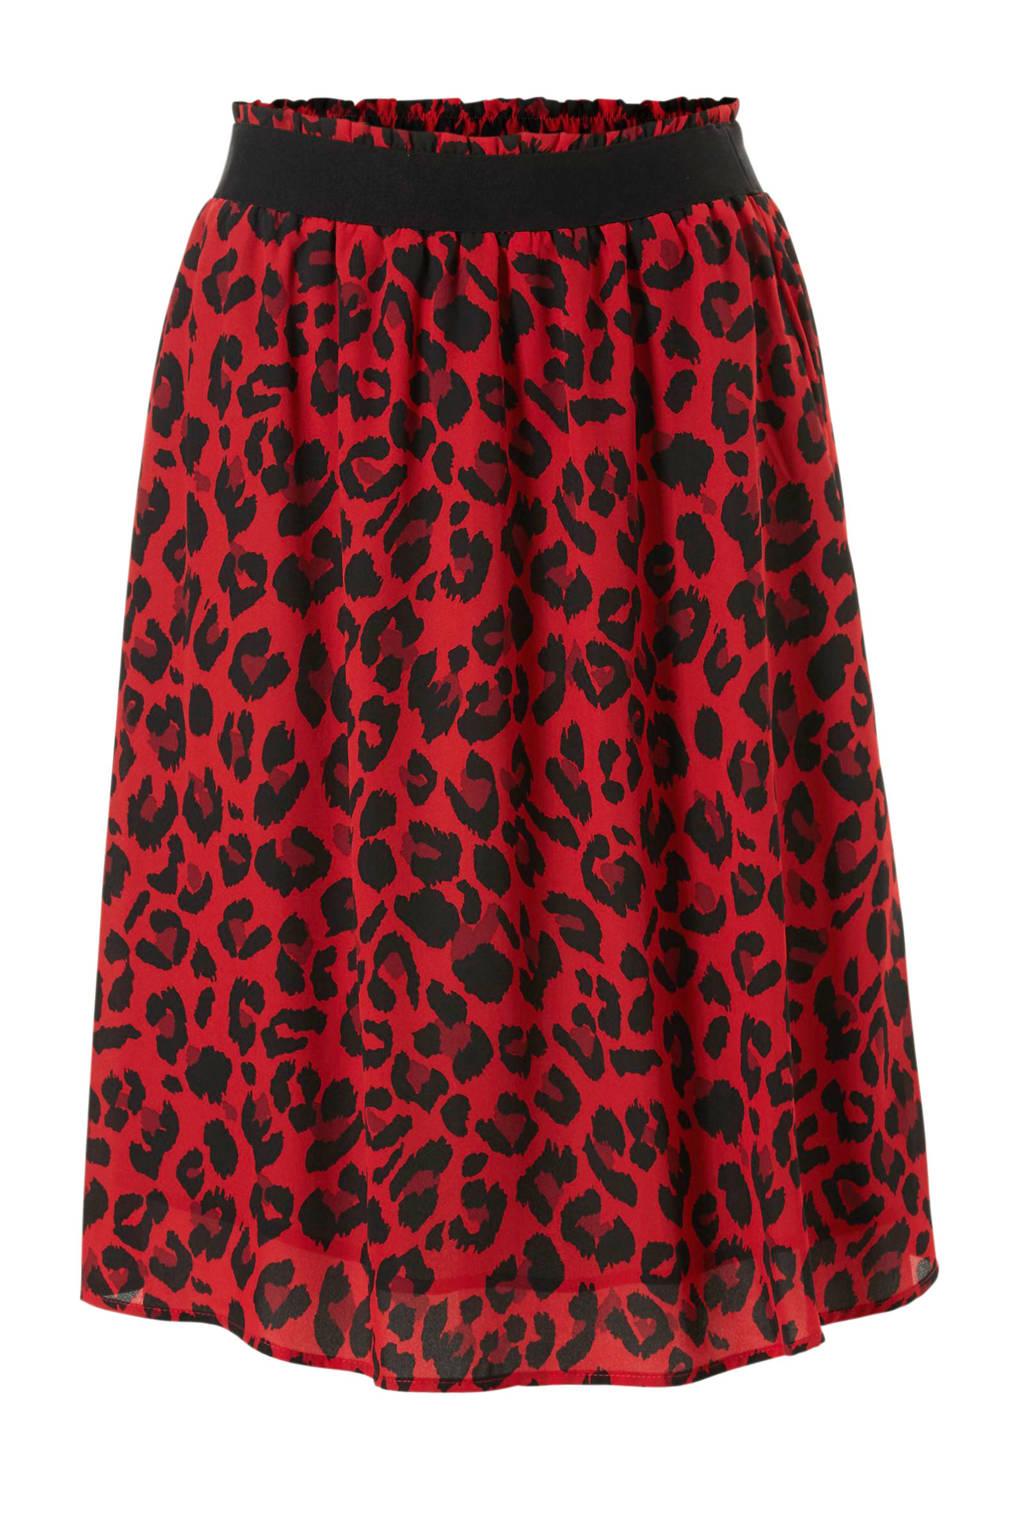 JACQUELINE DE YONG rok met luipaardprint, Rood/zwart